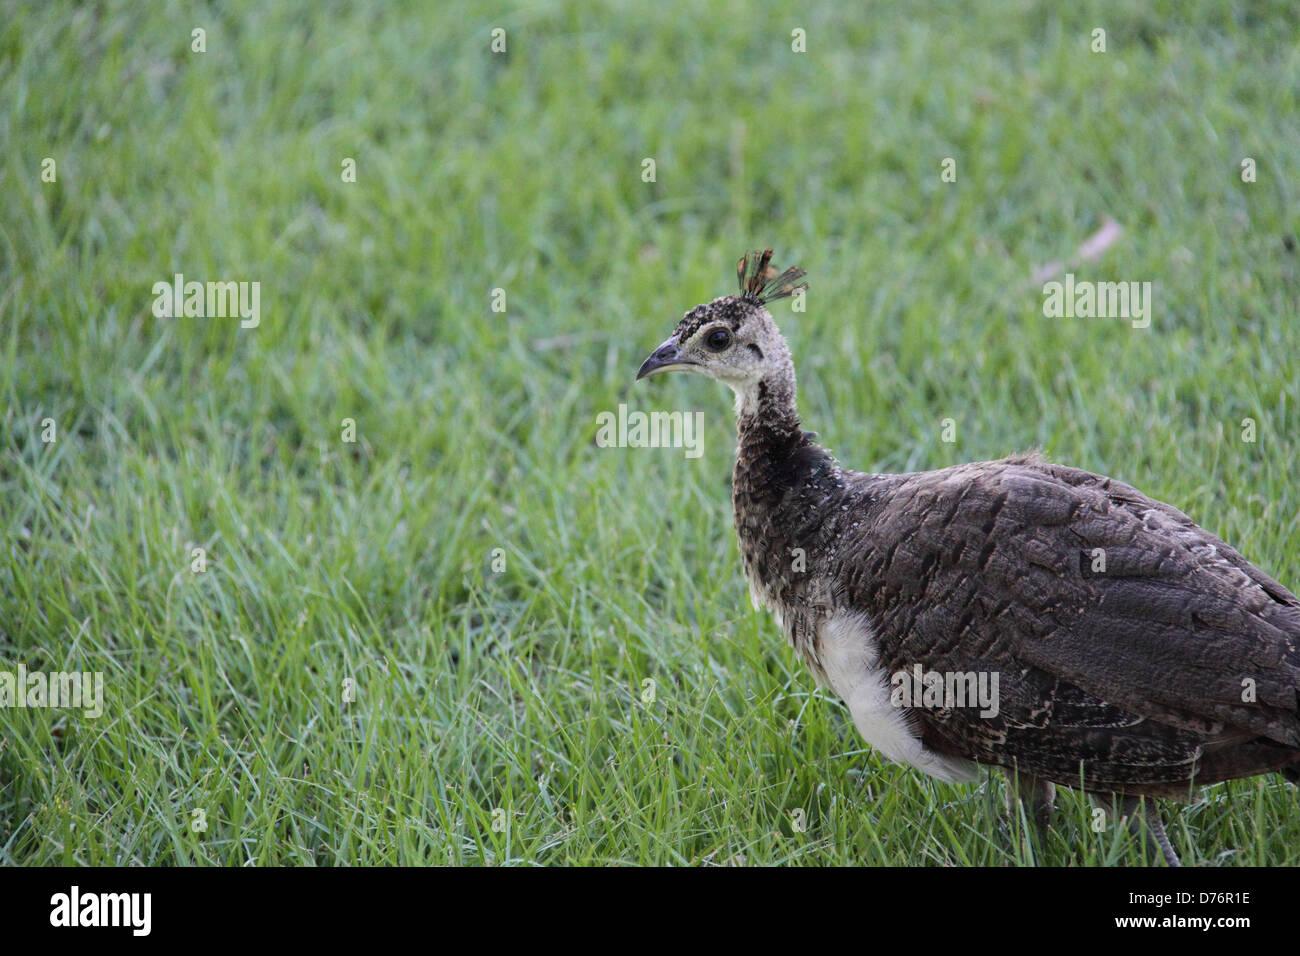 Peacock Chick (Pavo Cristatus) - Stock Image